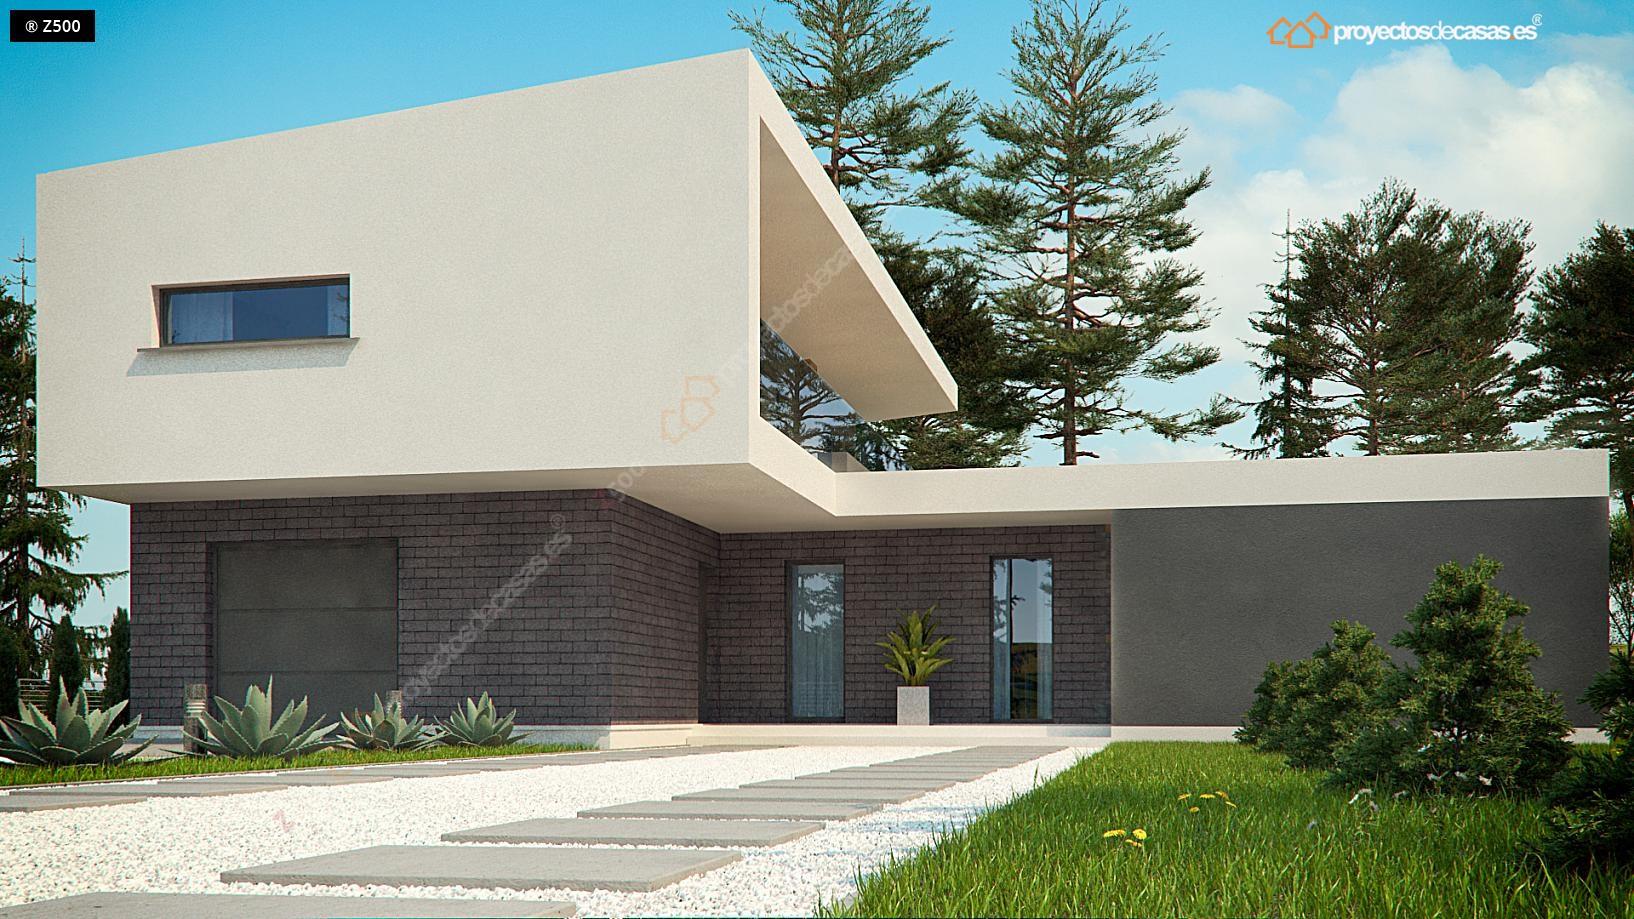 Proyectos de casas casa de dise o moderna for Casa de diseno guadalajara